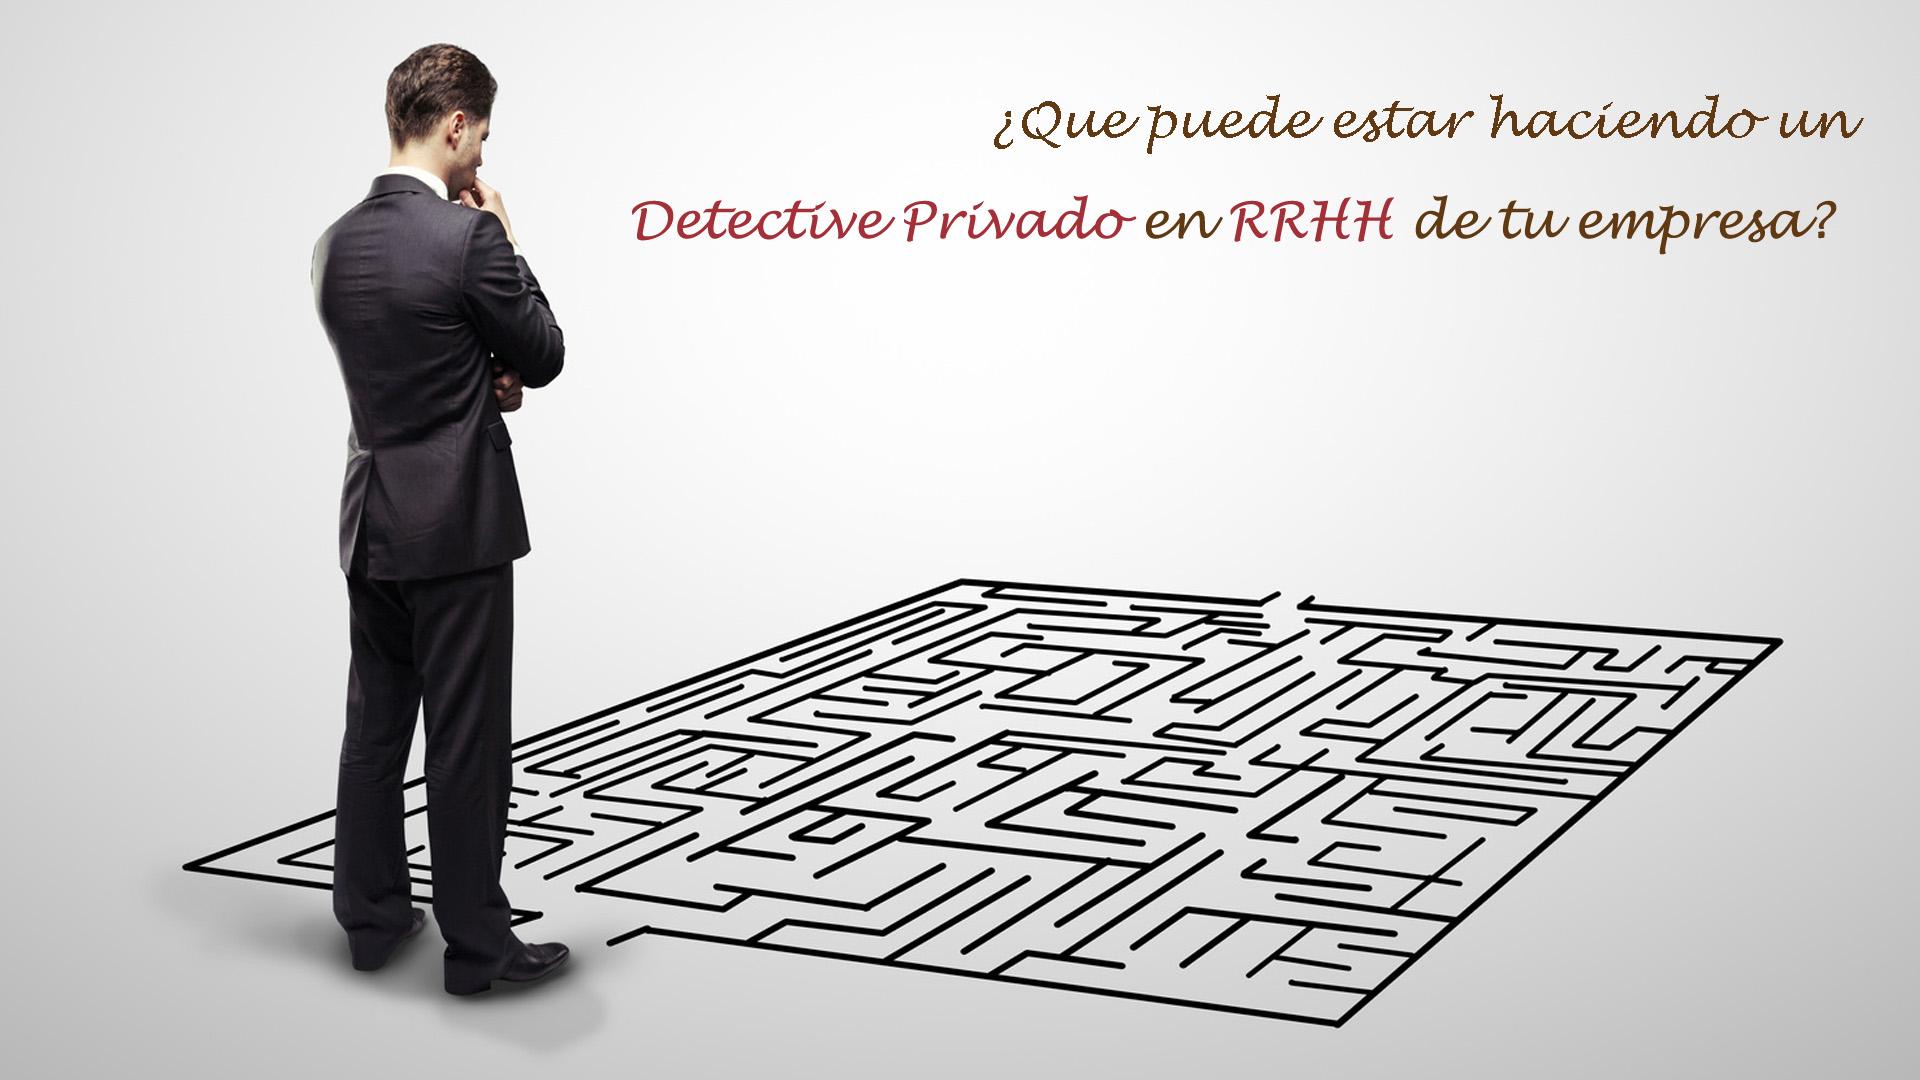 Detective privados y RRHH